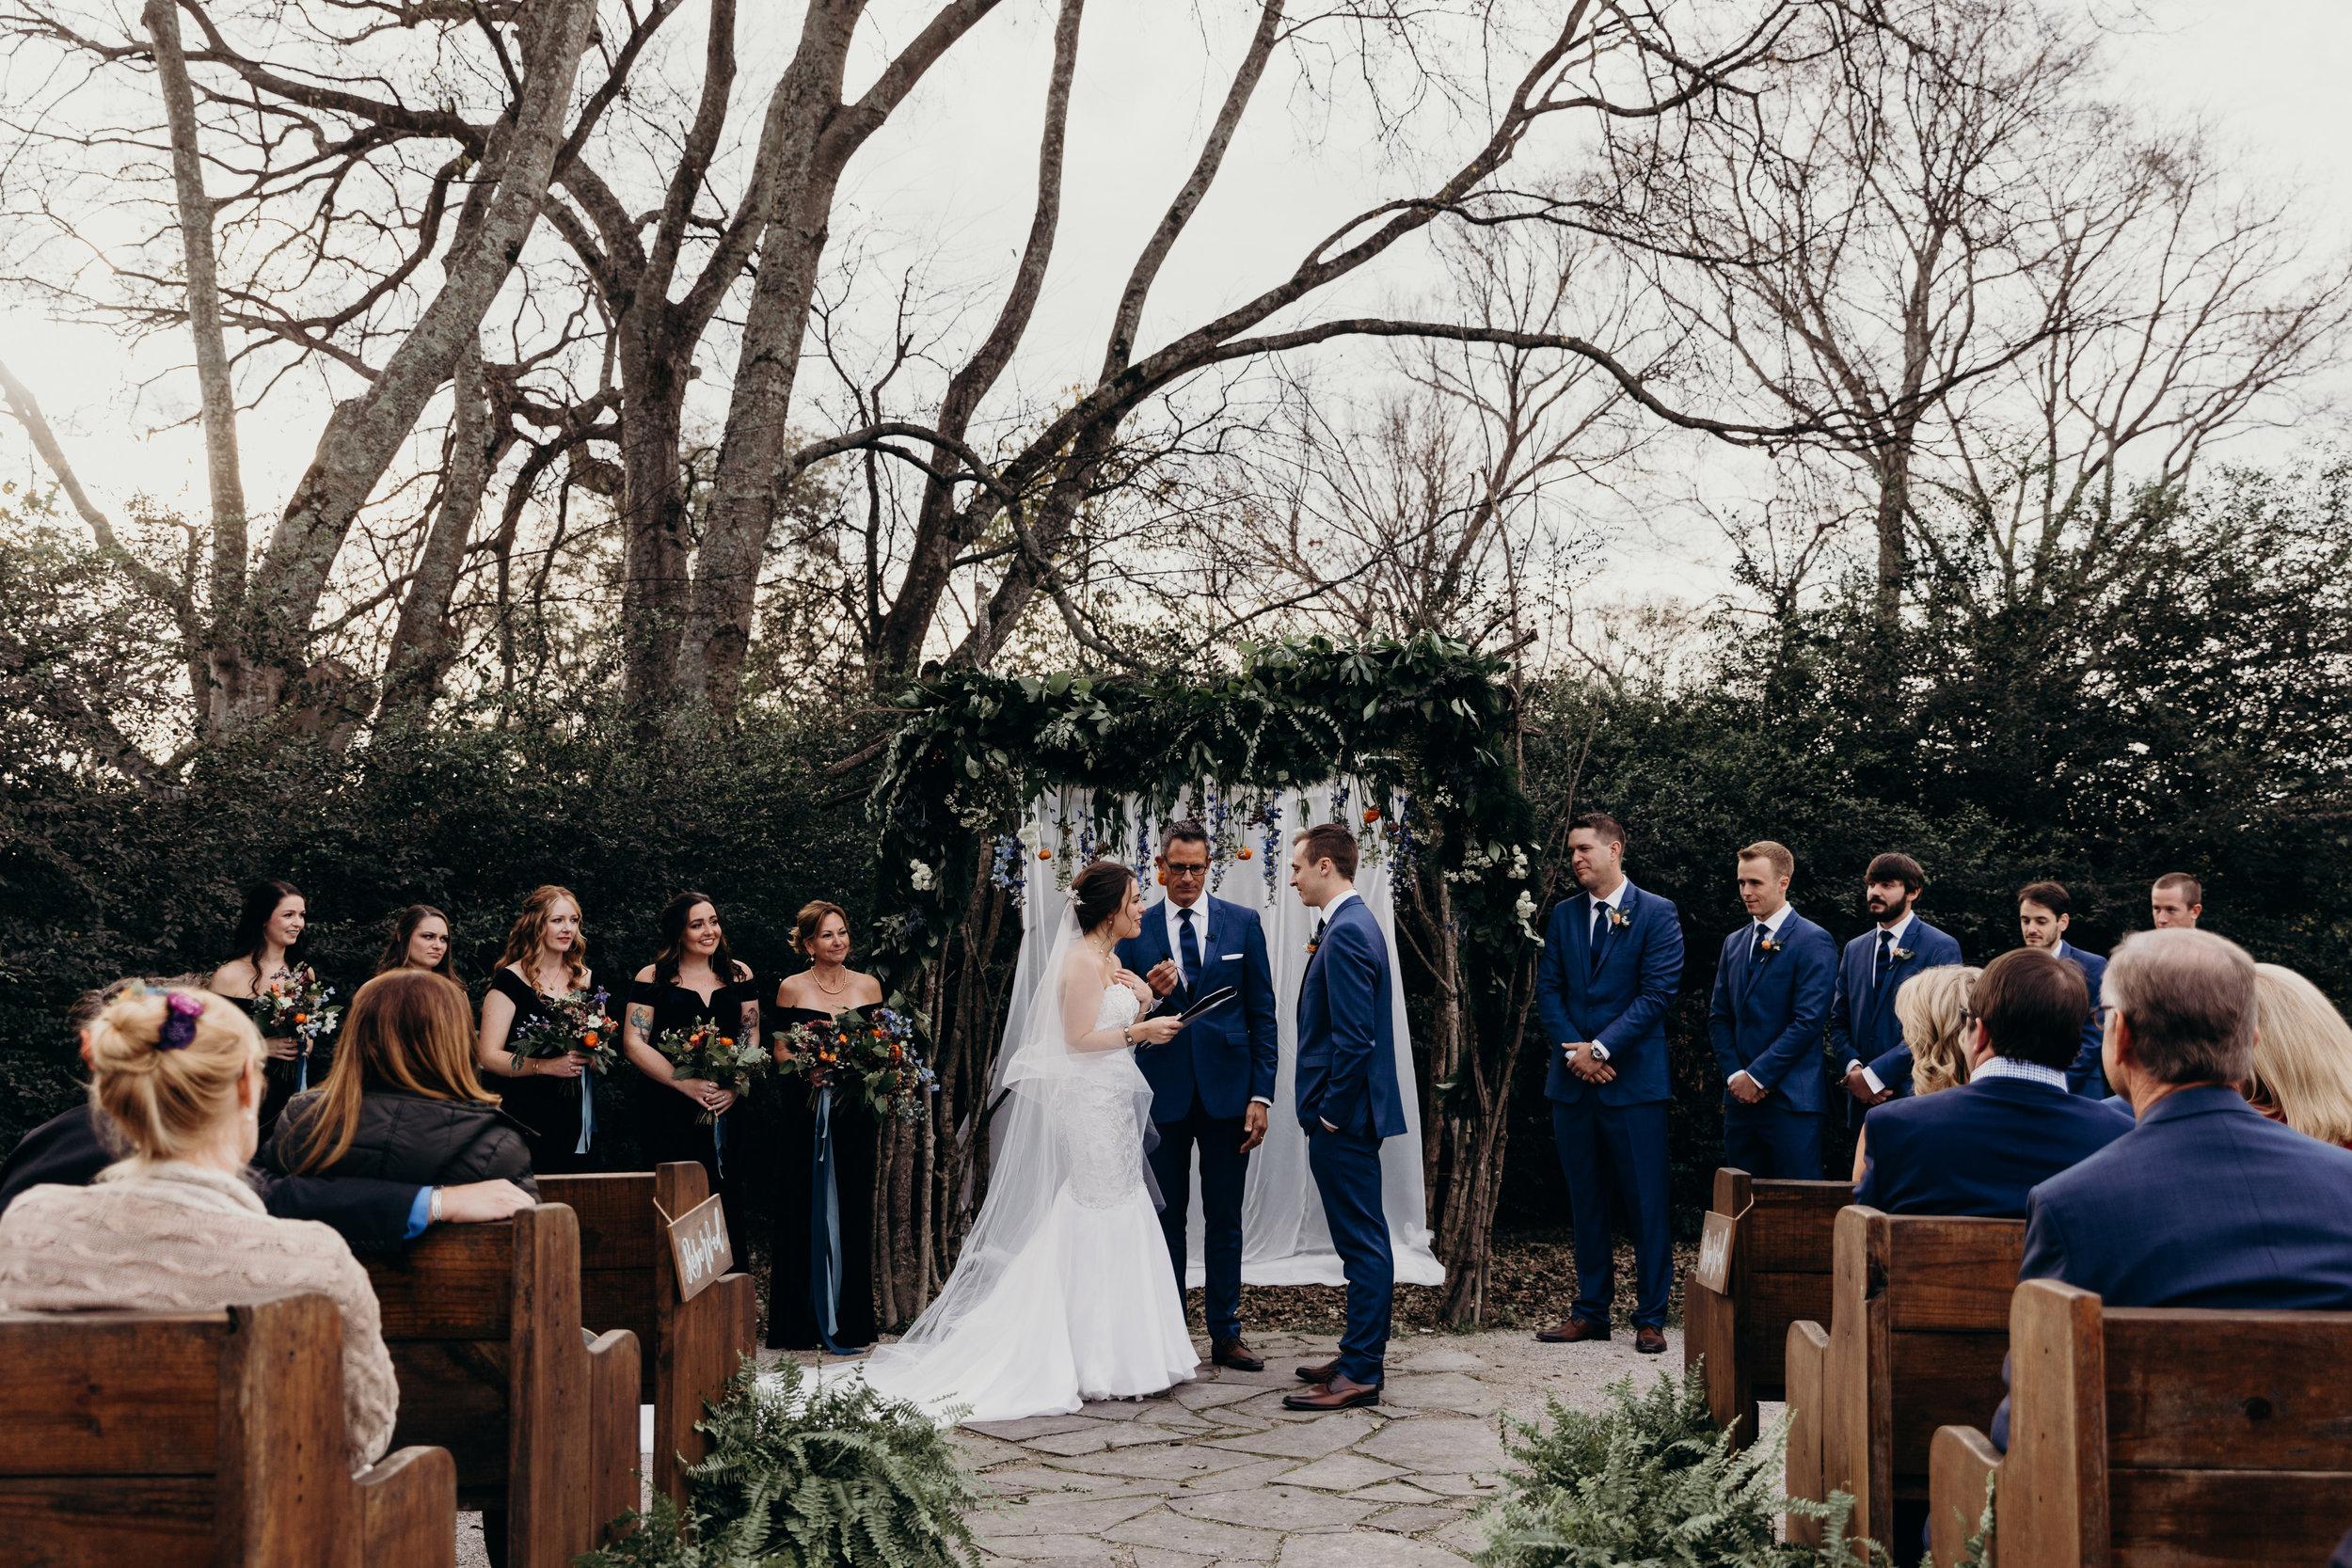 502-ltw-morgan-adam-wedding.jpg